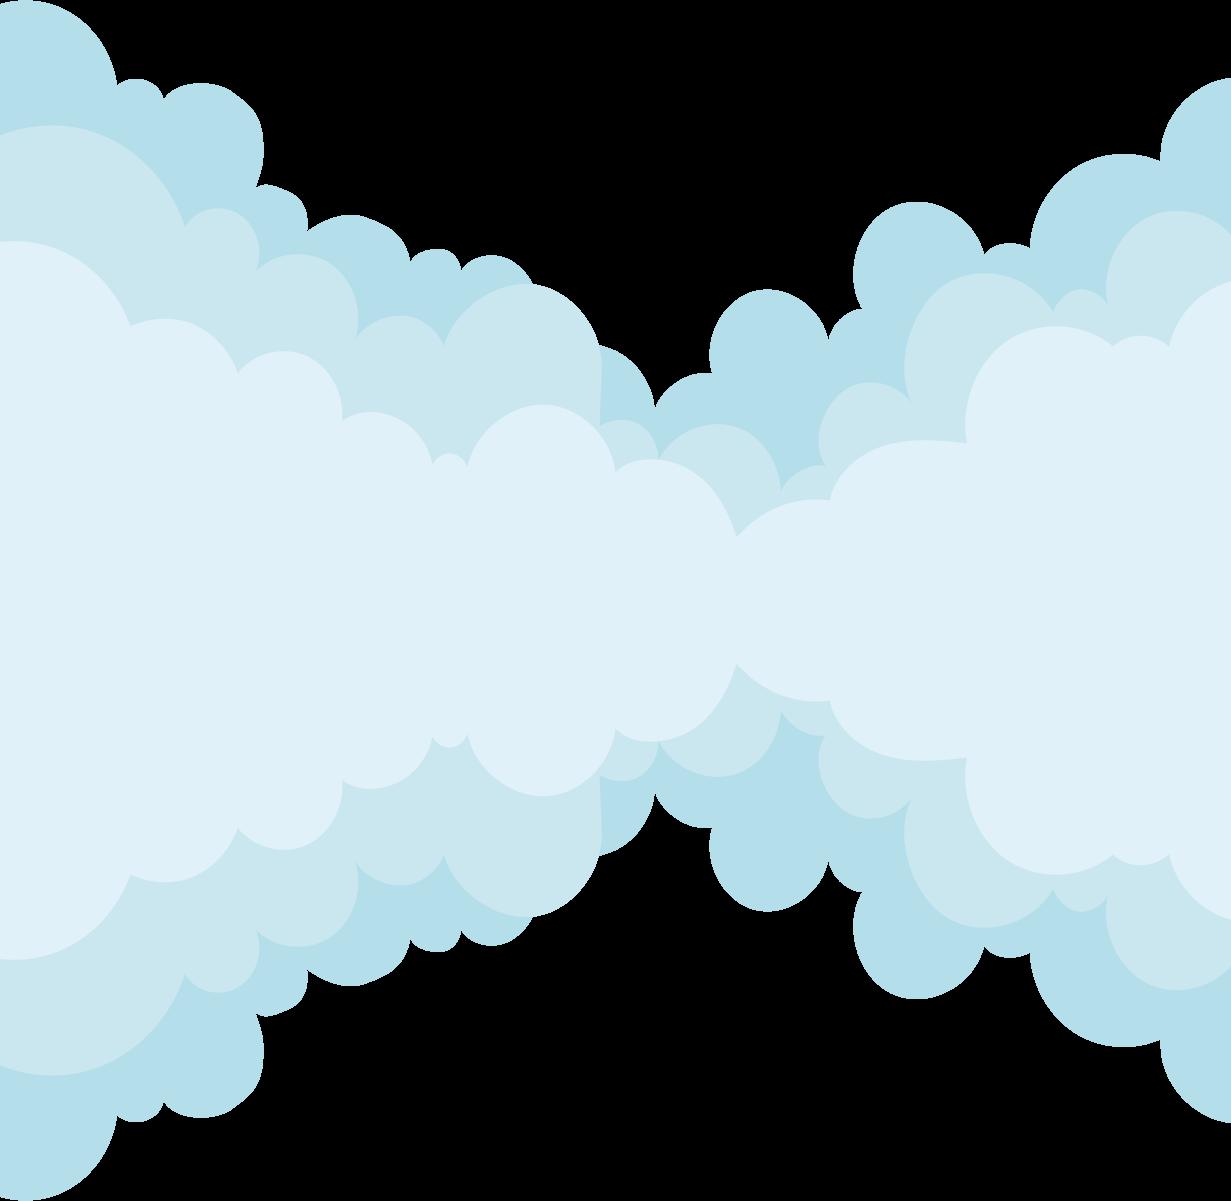 nuage haut et bas copie.png